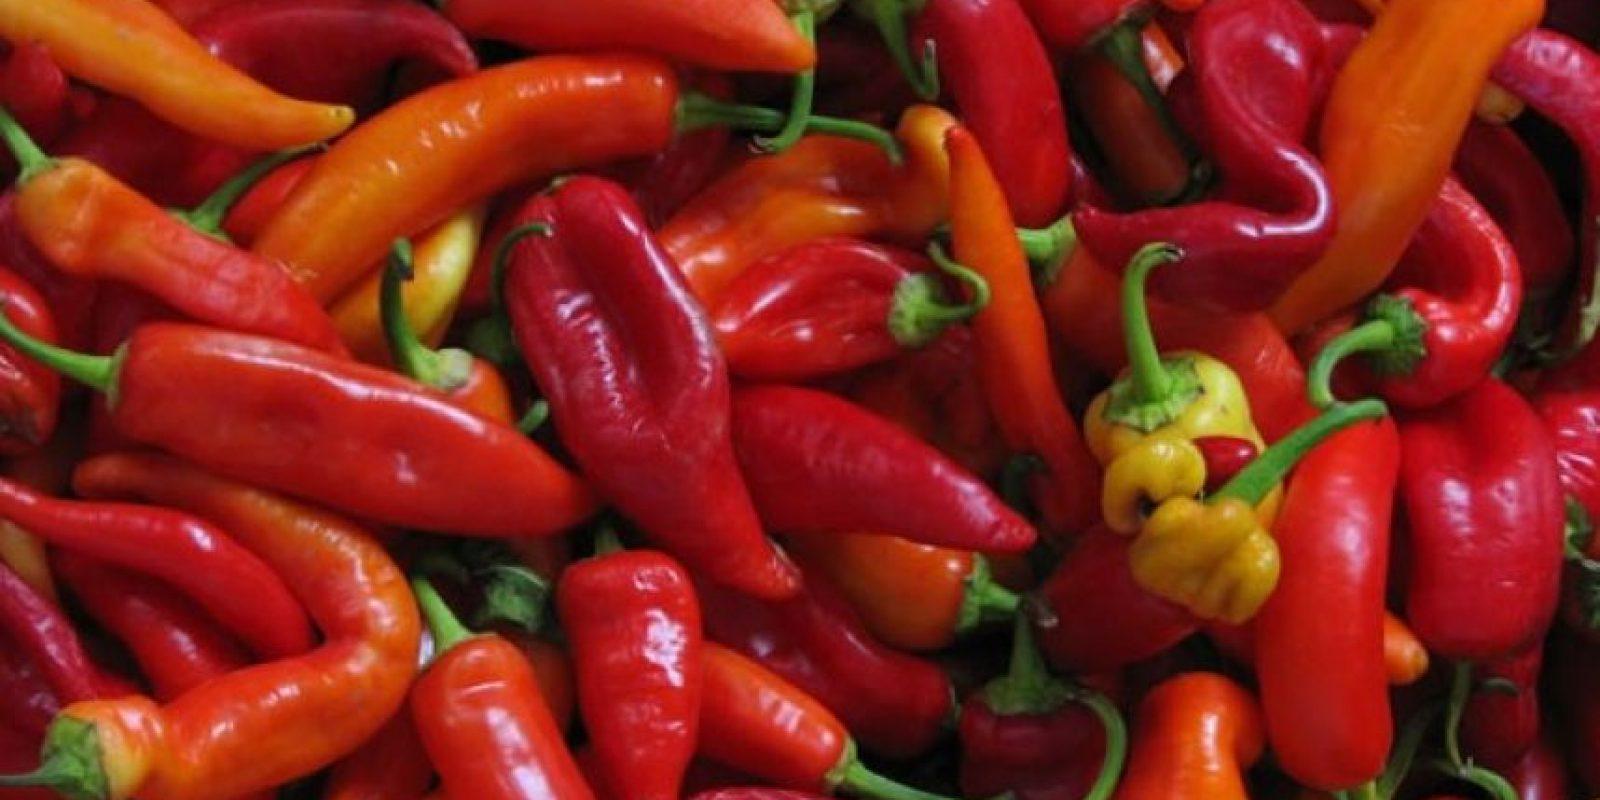 La capsaicina, componente que le da ese sabor picante al chile o ají también tiene beneficios para nuestra salud. Foto:Pinterest